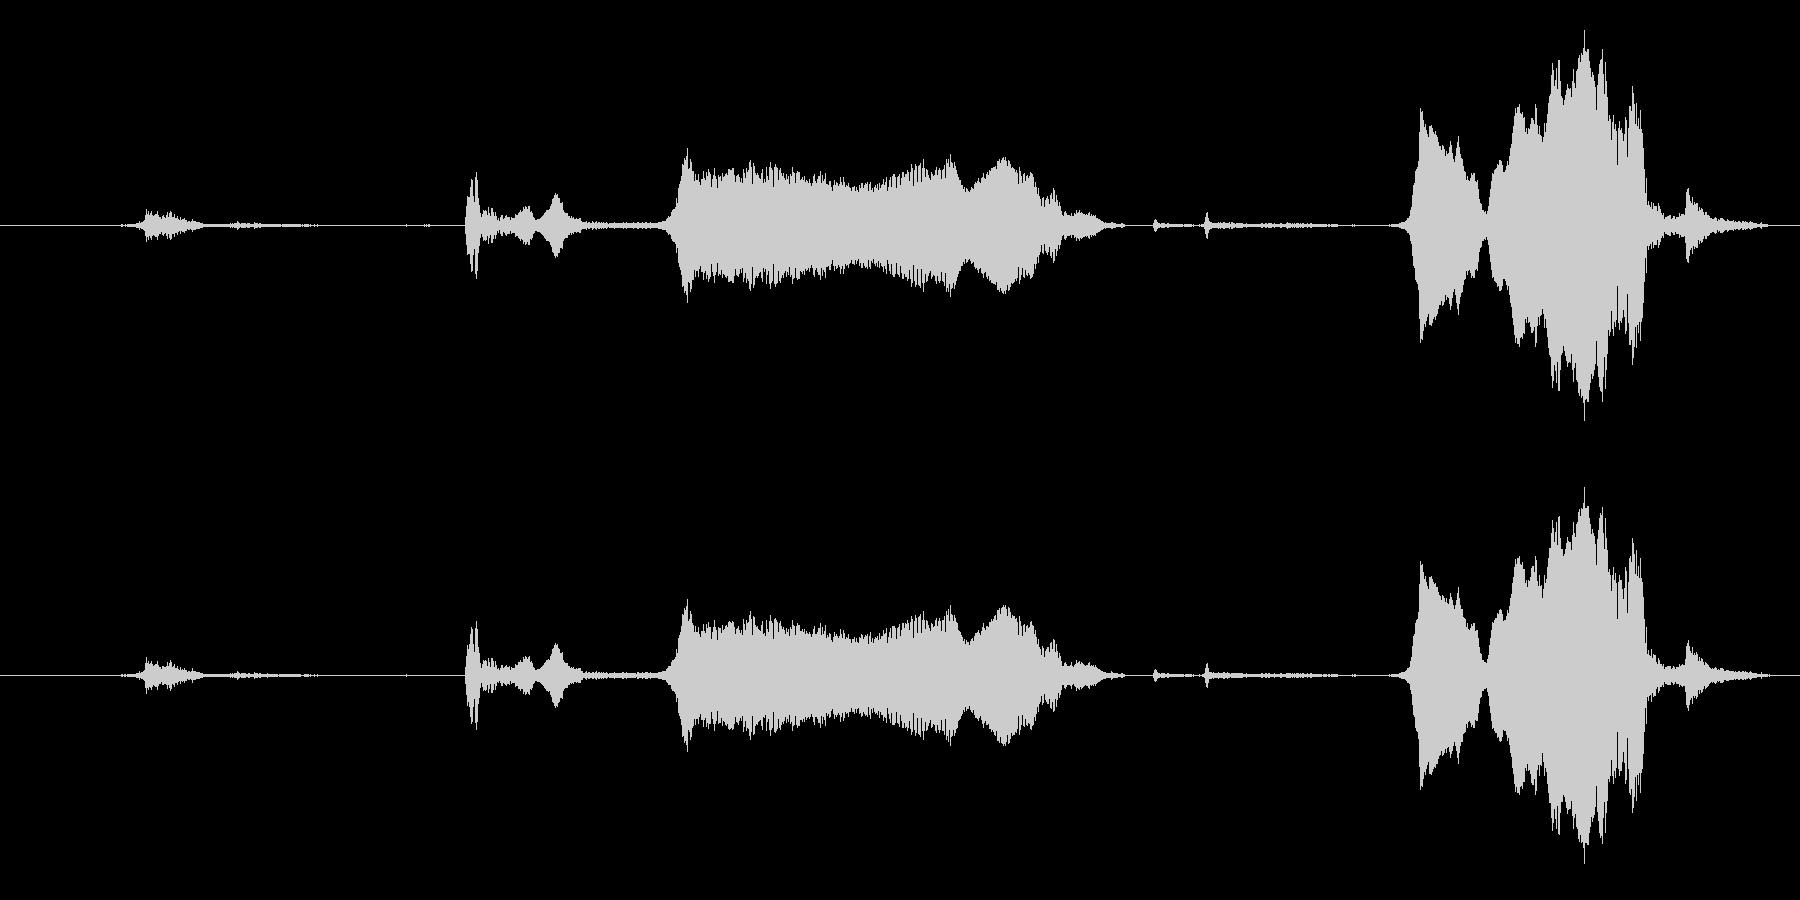 犬 GSP ワインロー05の未再生の波形